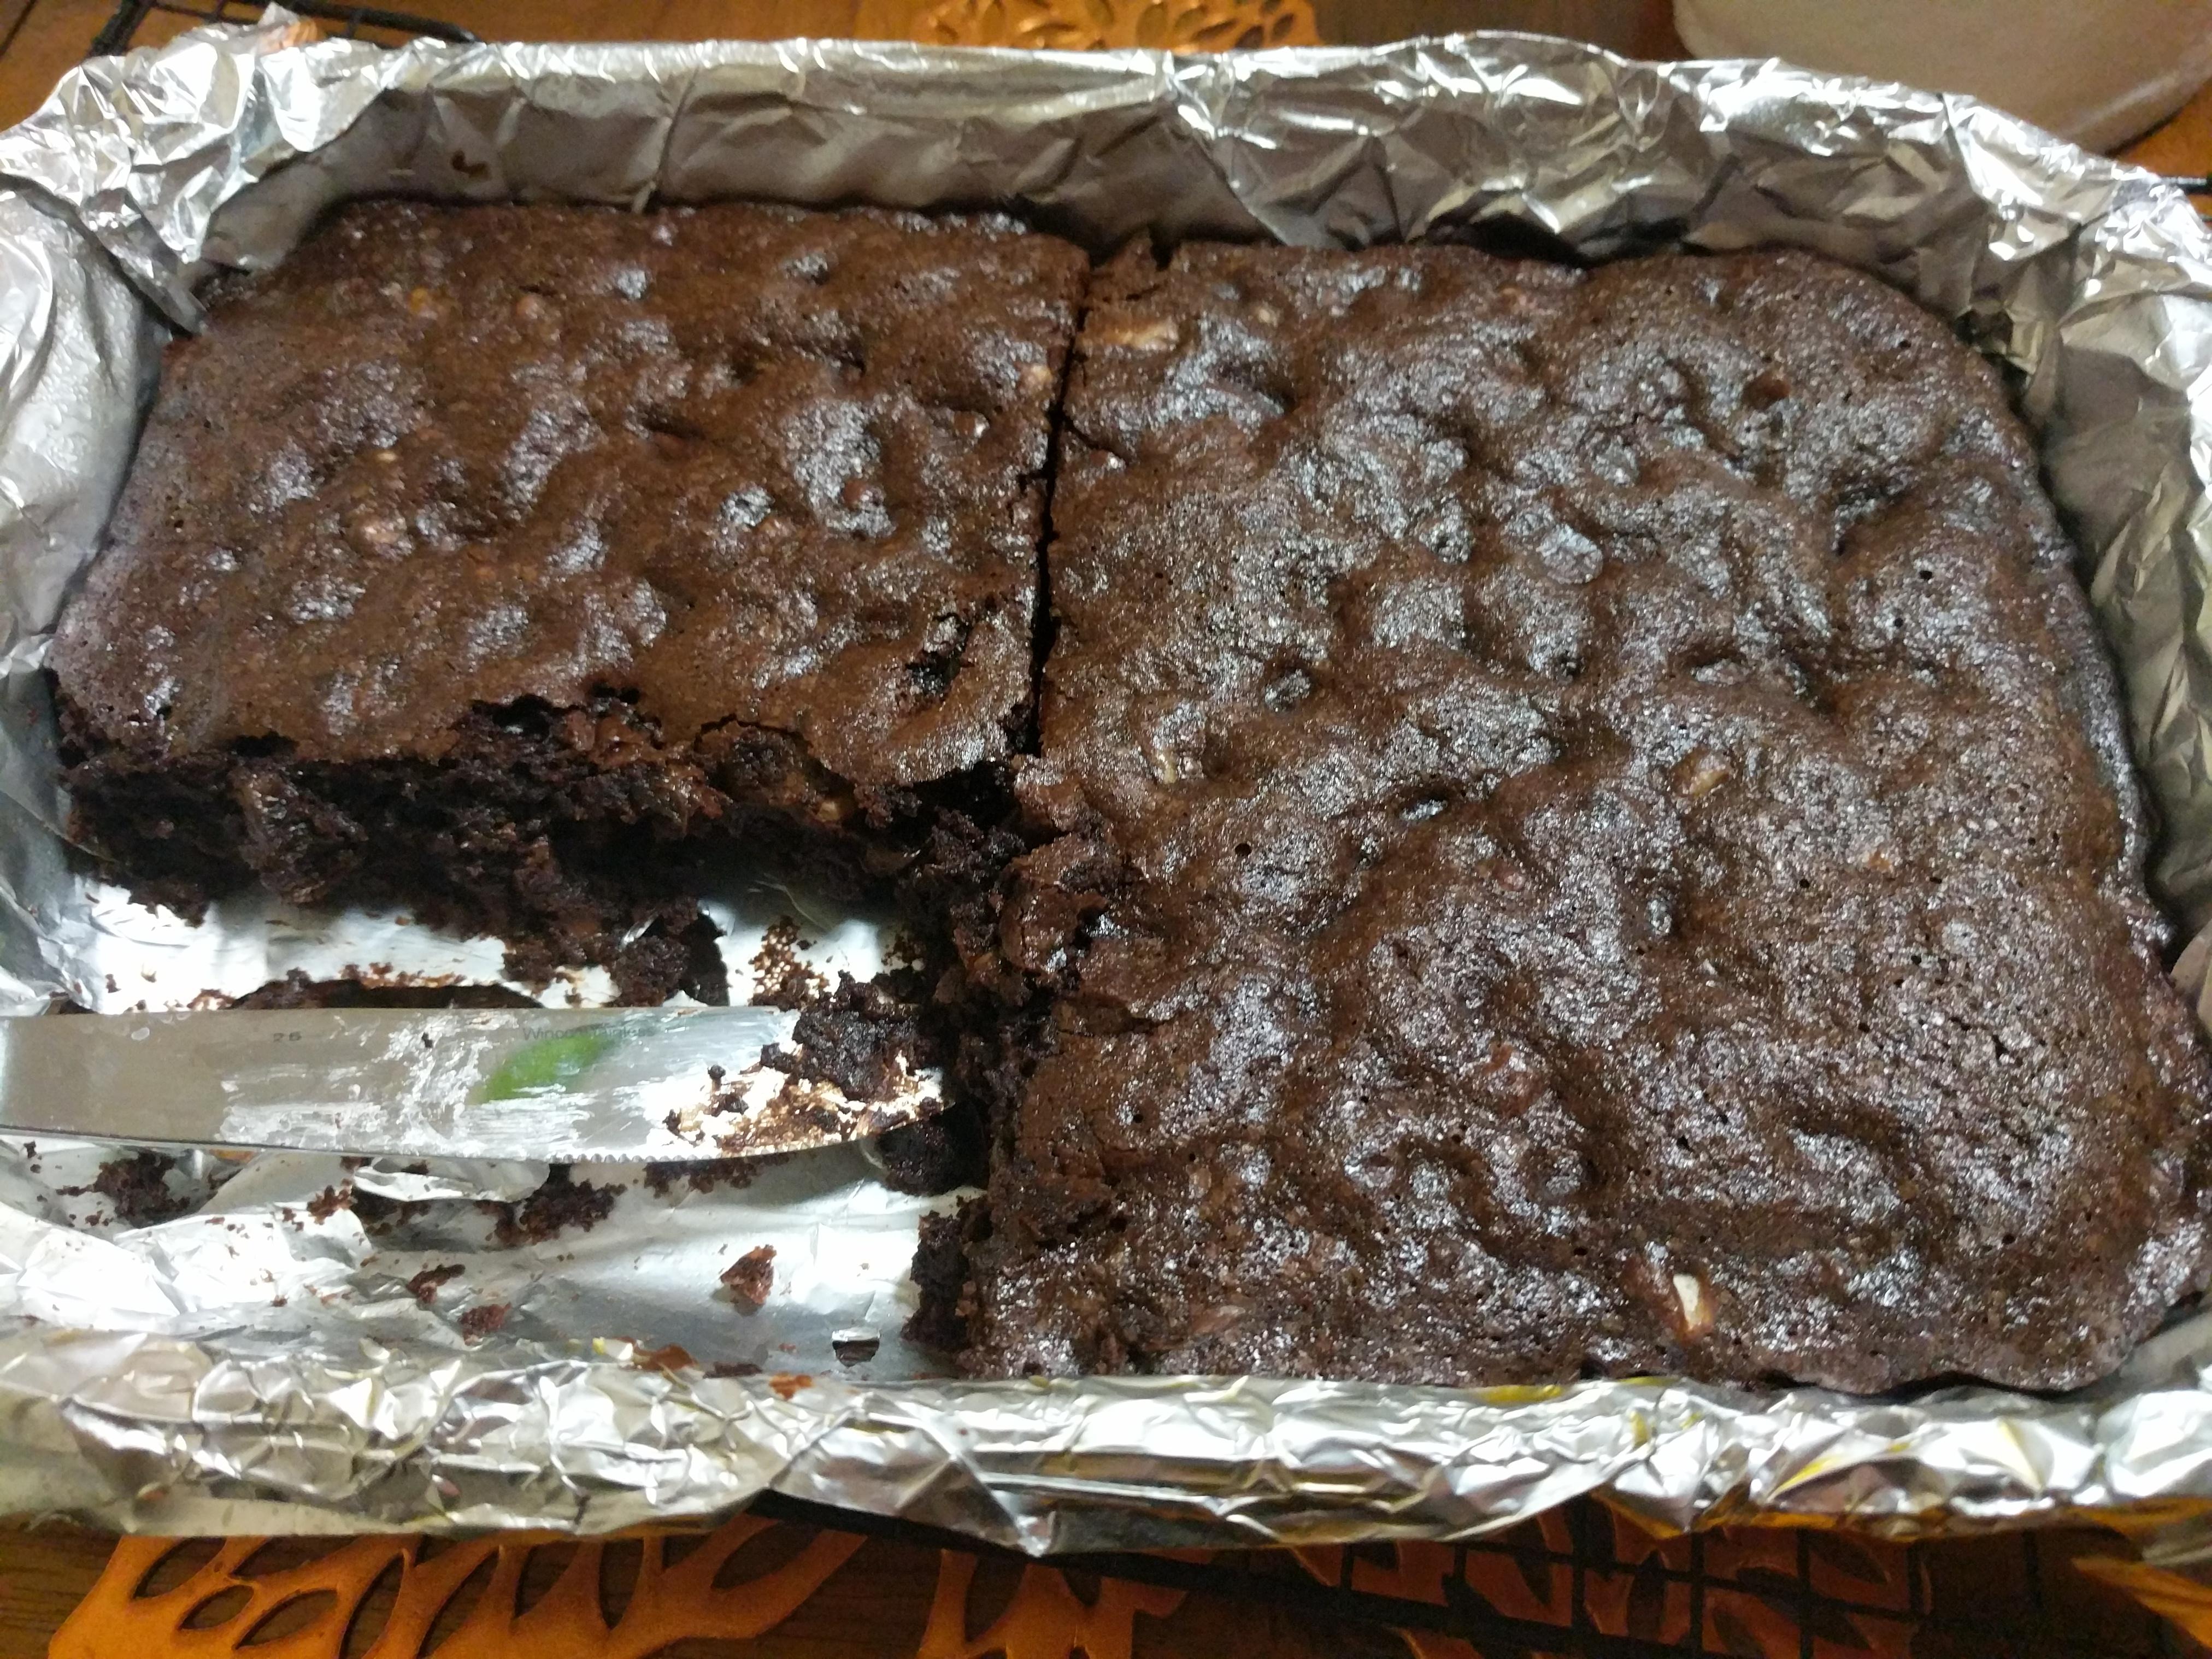 Gooey Brownies Bianca Haag